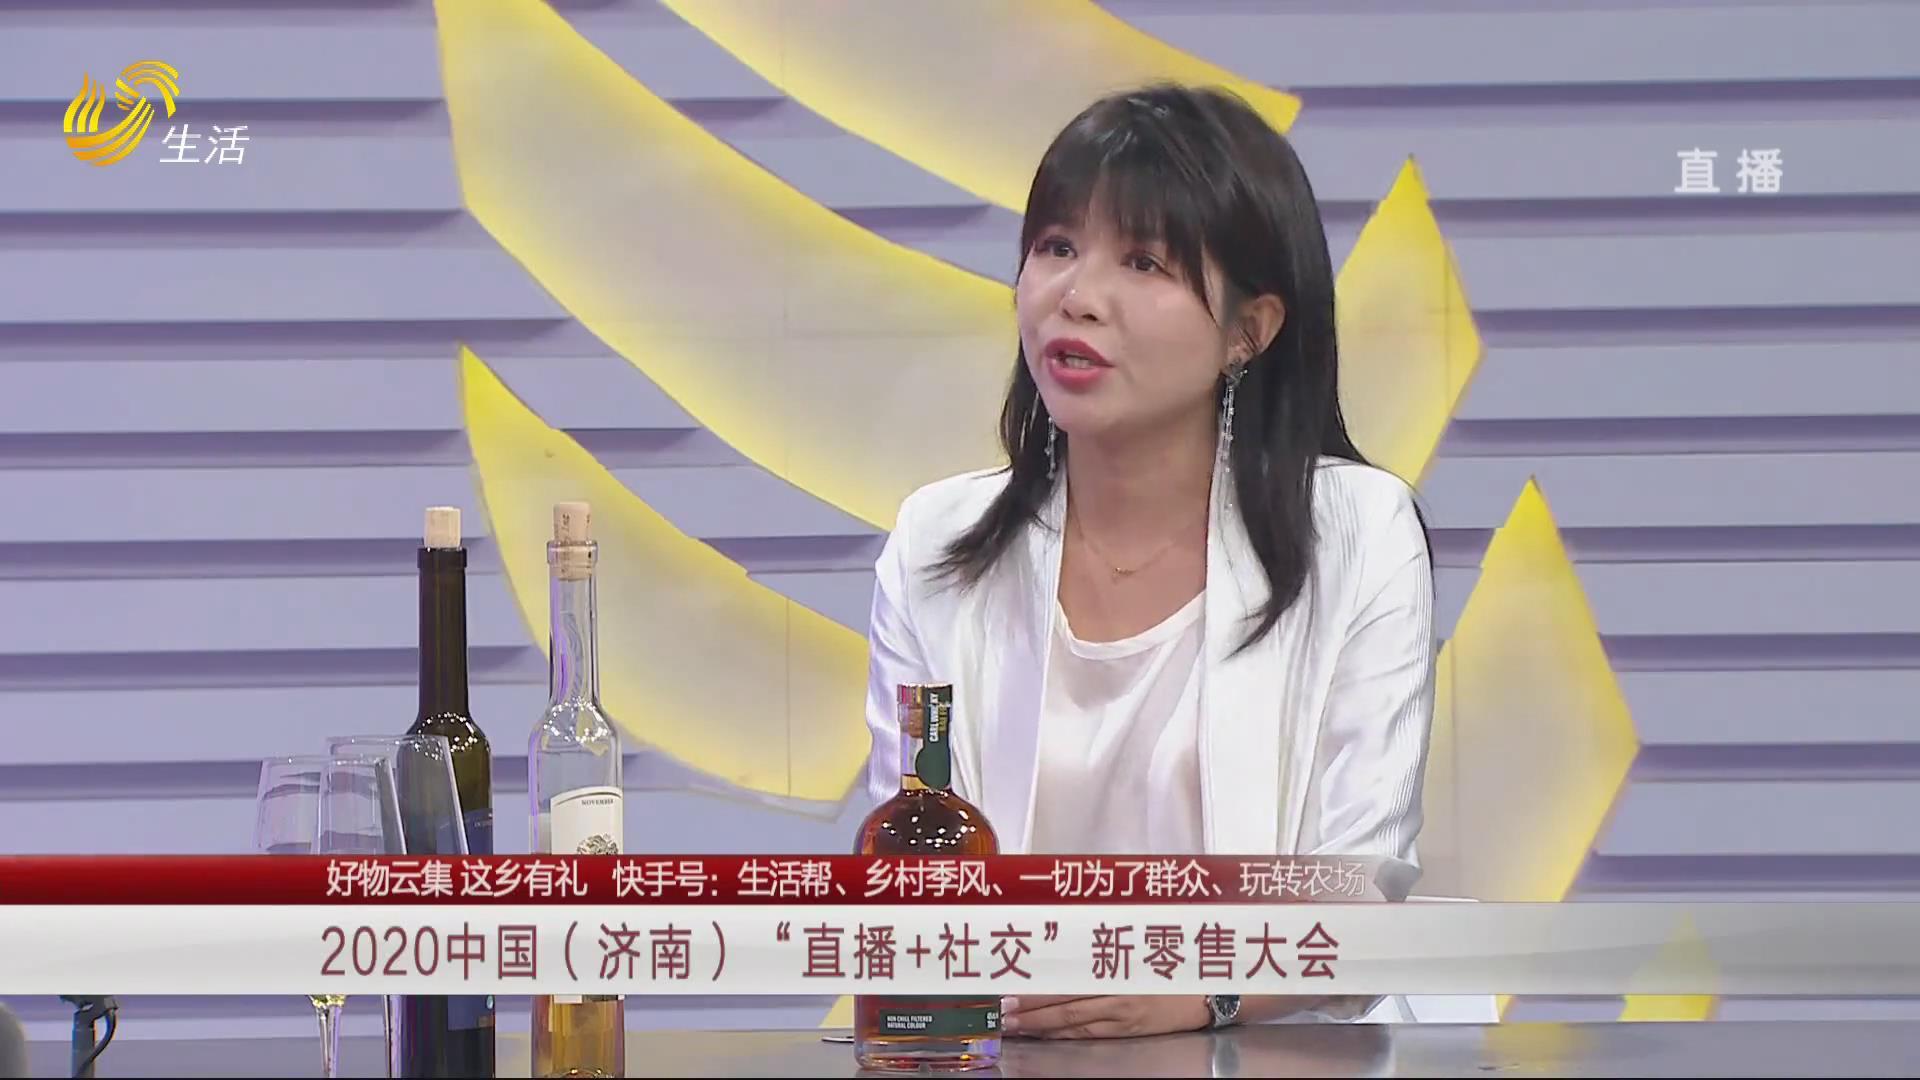 """2020中国(济南)""""直播+社交""""新零售大会(二)"""